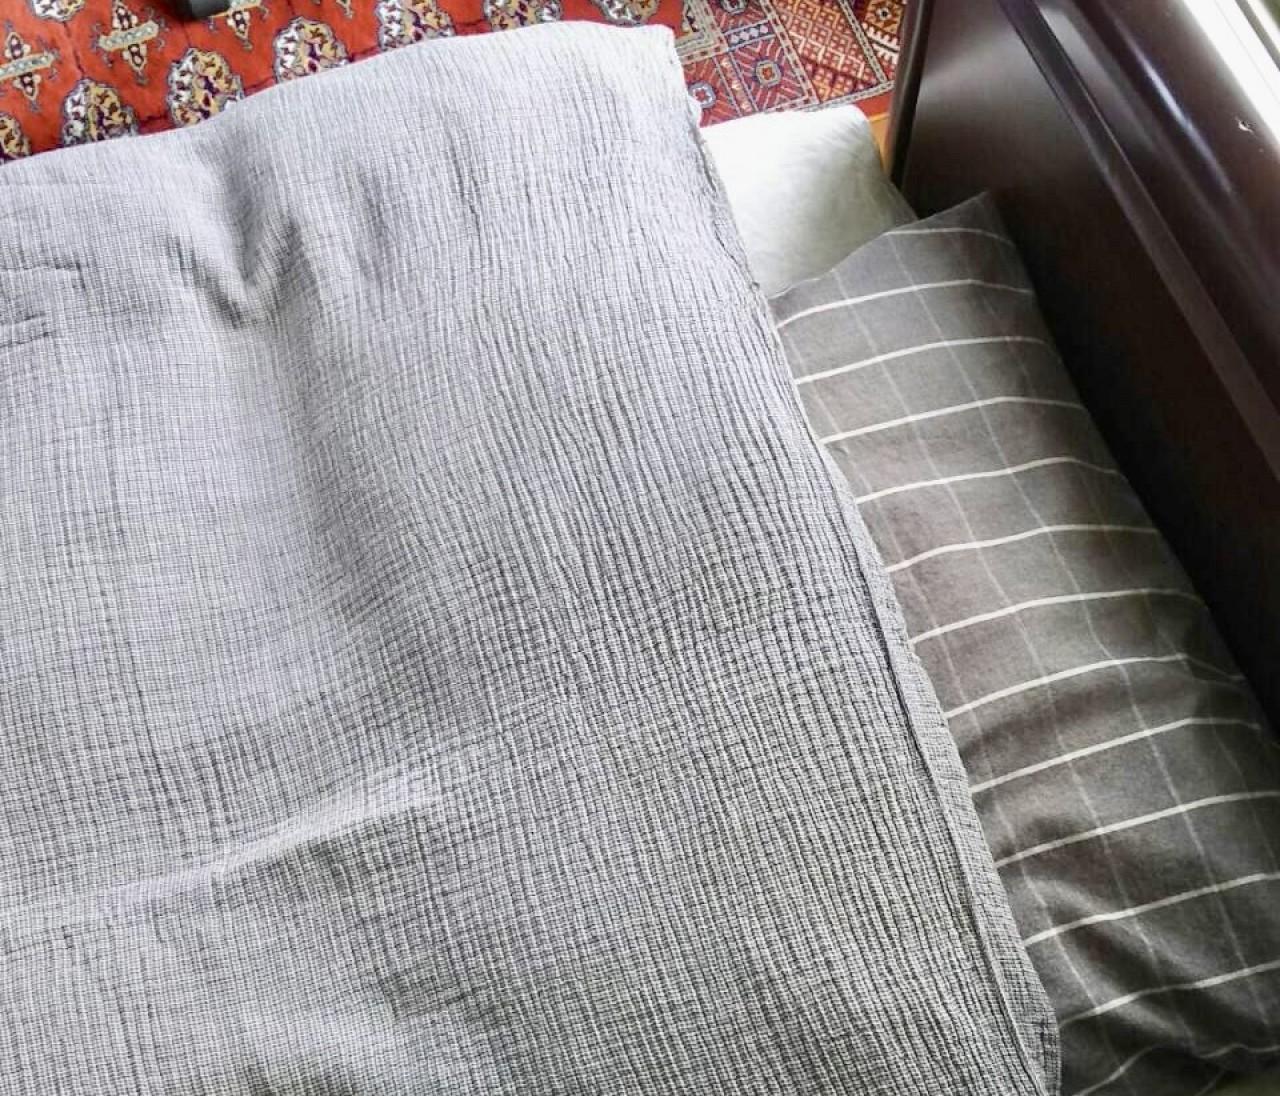 安眠促進!【無印良品】綿三重ガーゼ掛布団カバーで寝苦しい夏の夜にさようなら〜♡